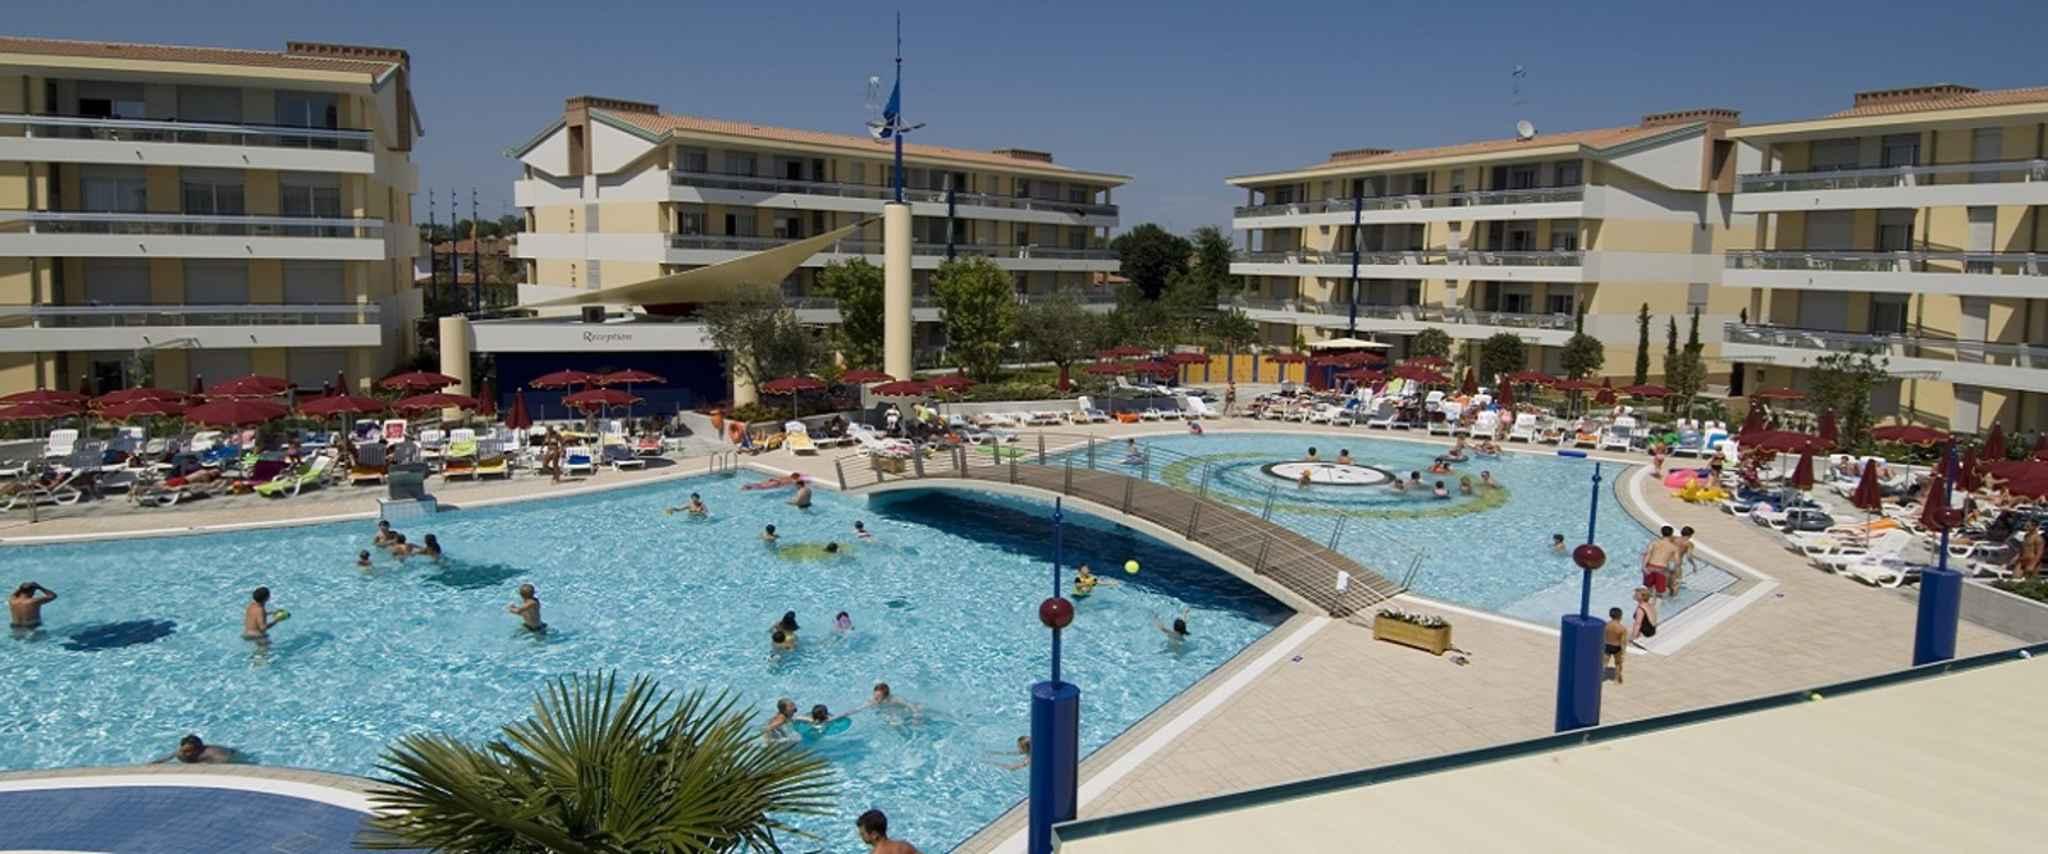 Ferienwohnung mit Wasserrutsche und Poollandschaft  in Italien